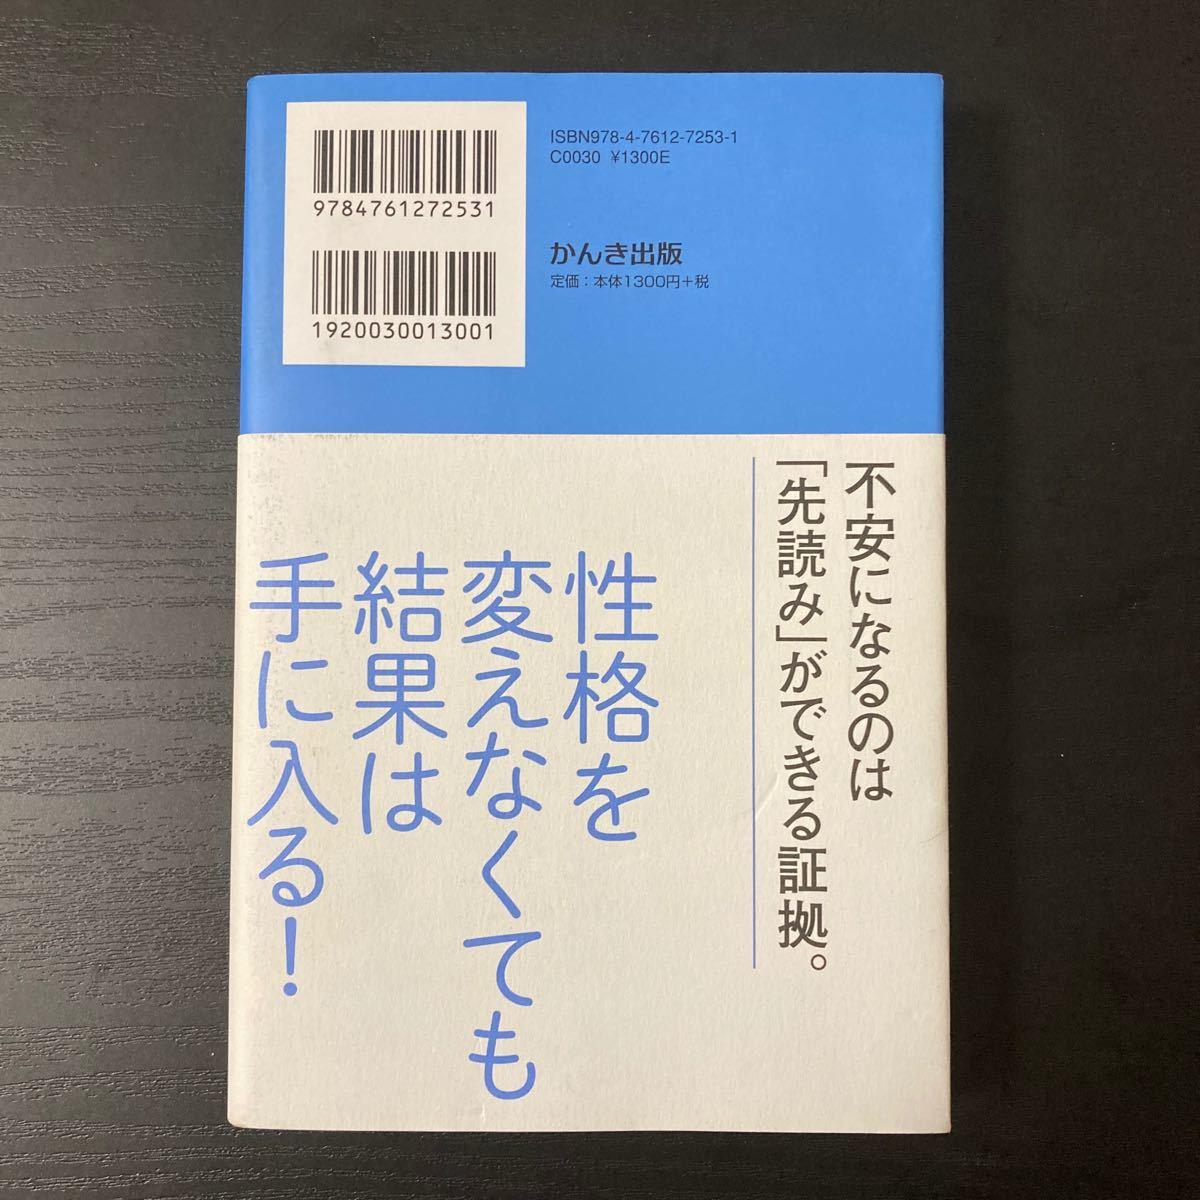 成功する人は心配性/菅原道仁 (著者)